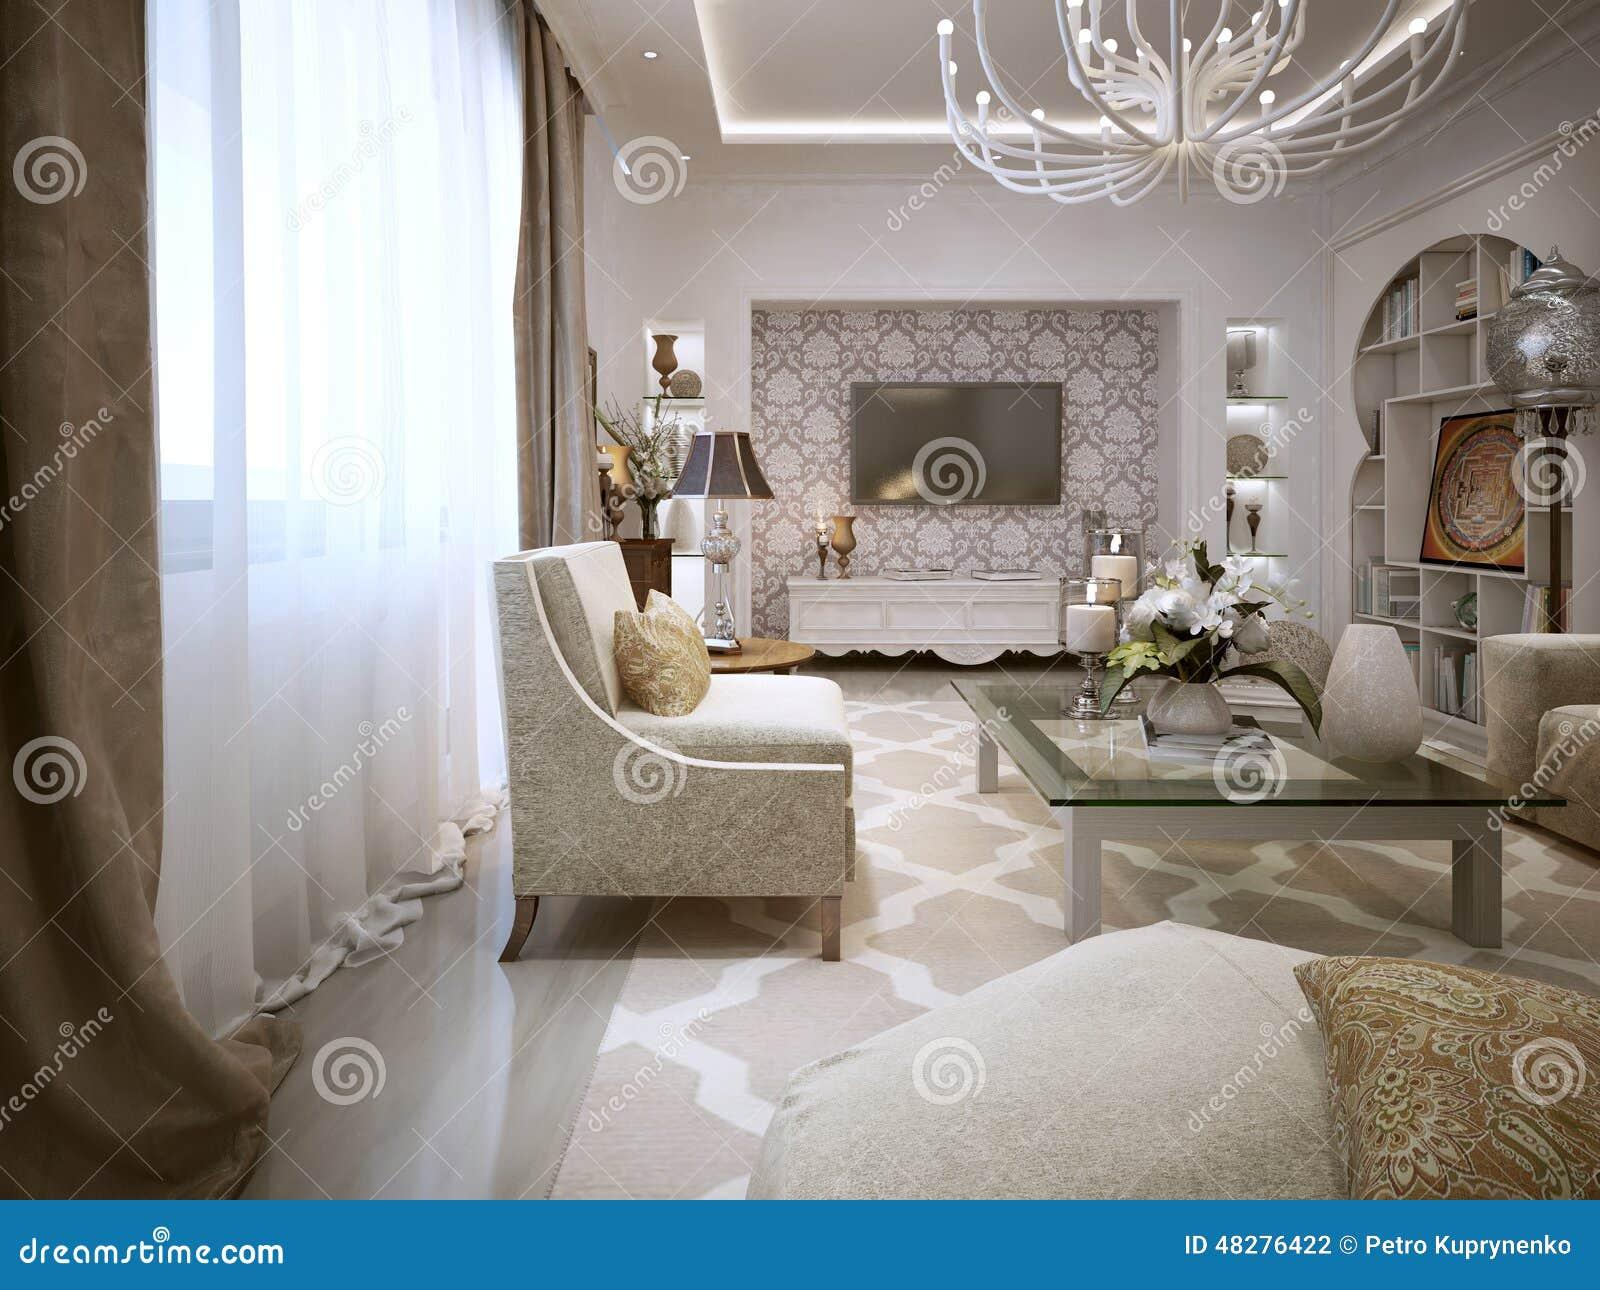 https://thumbs.dreamstime.com/z/woonkamer-arabische-stijl-48276422.jpg